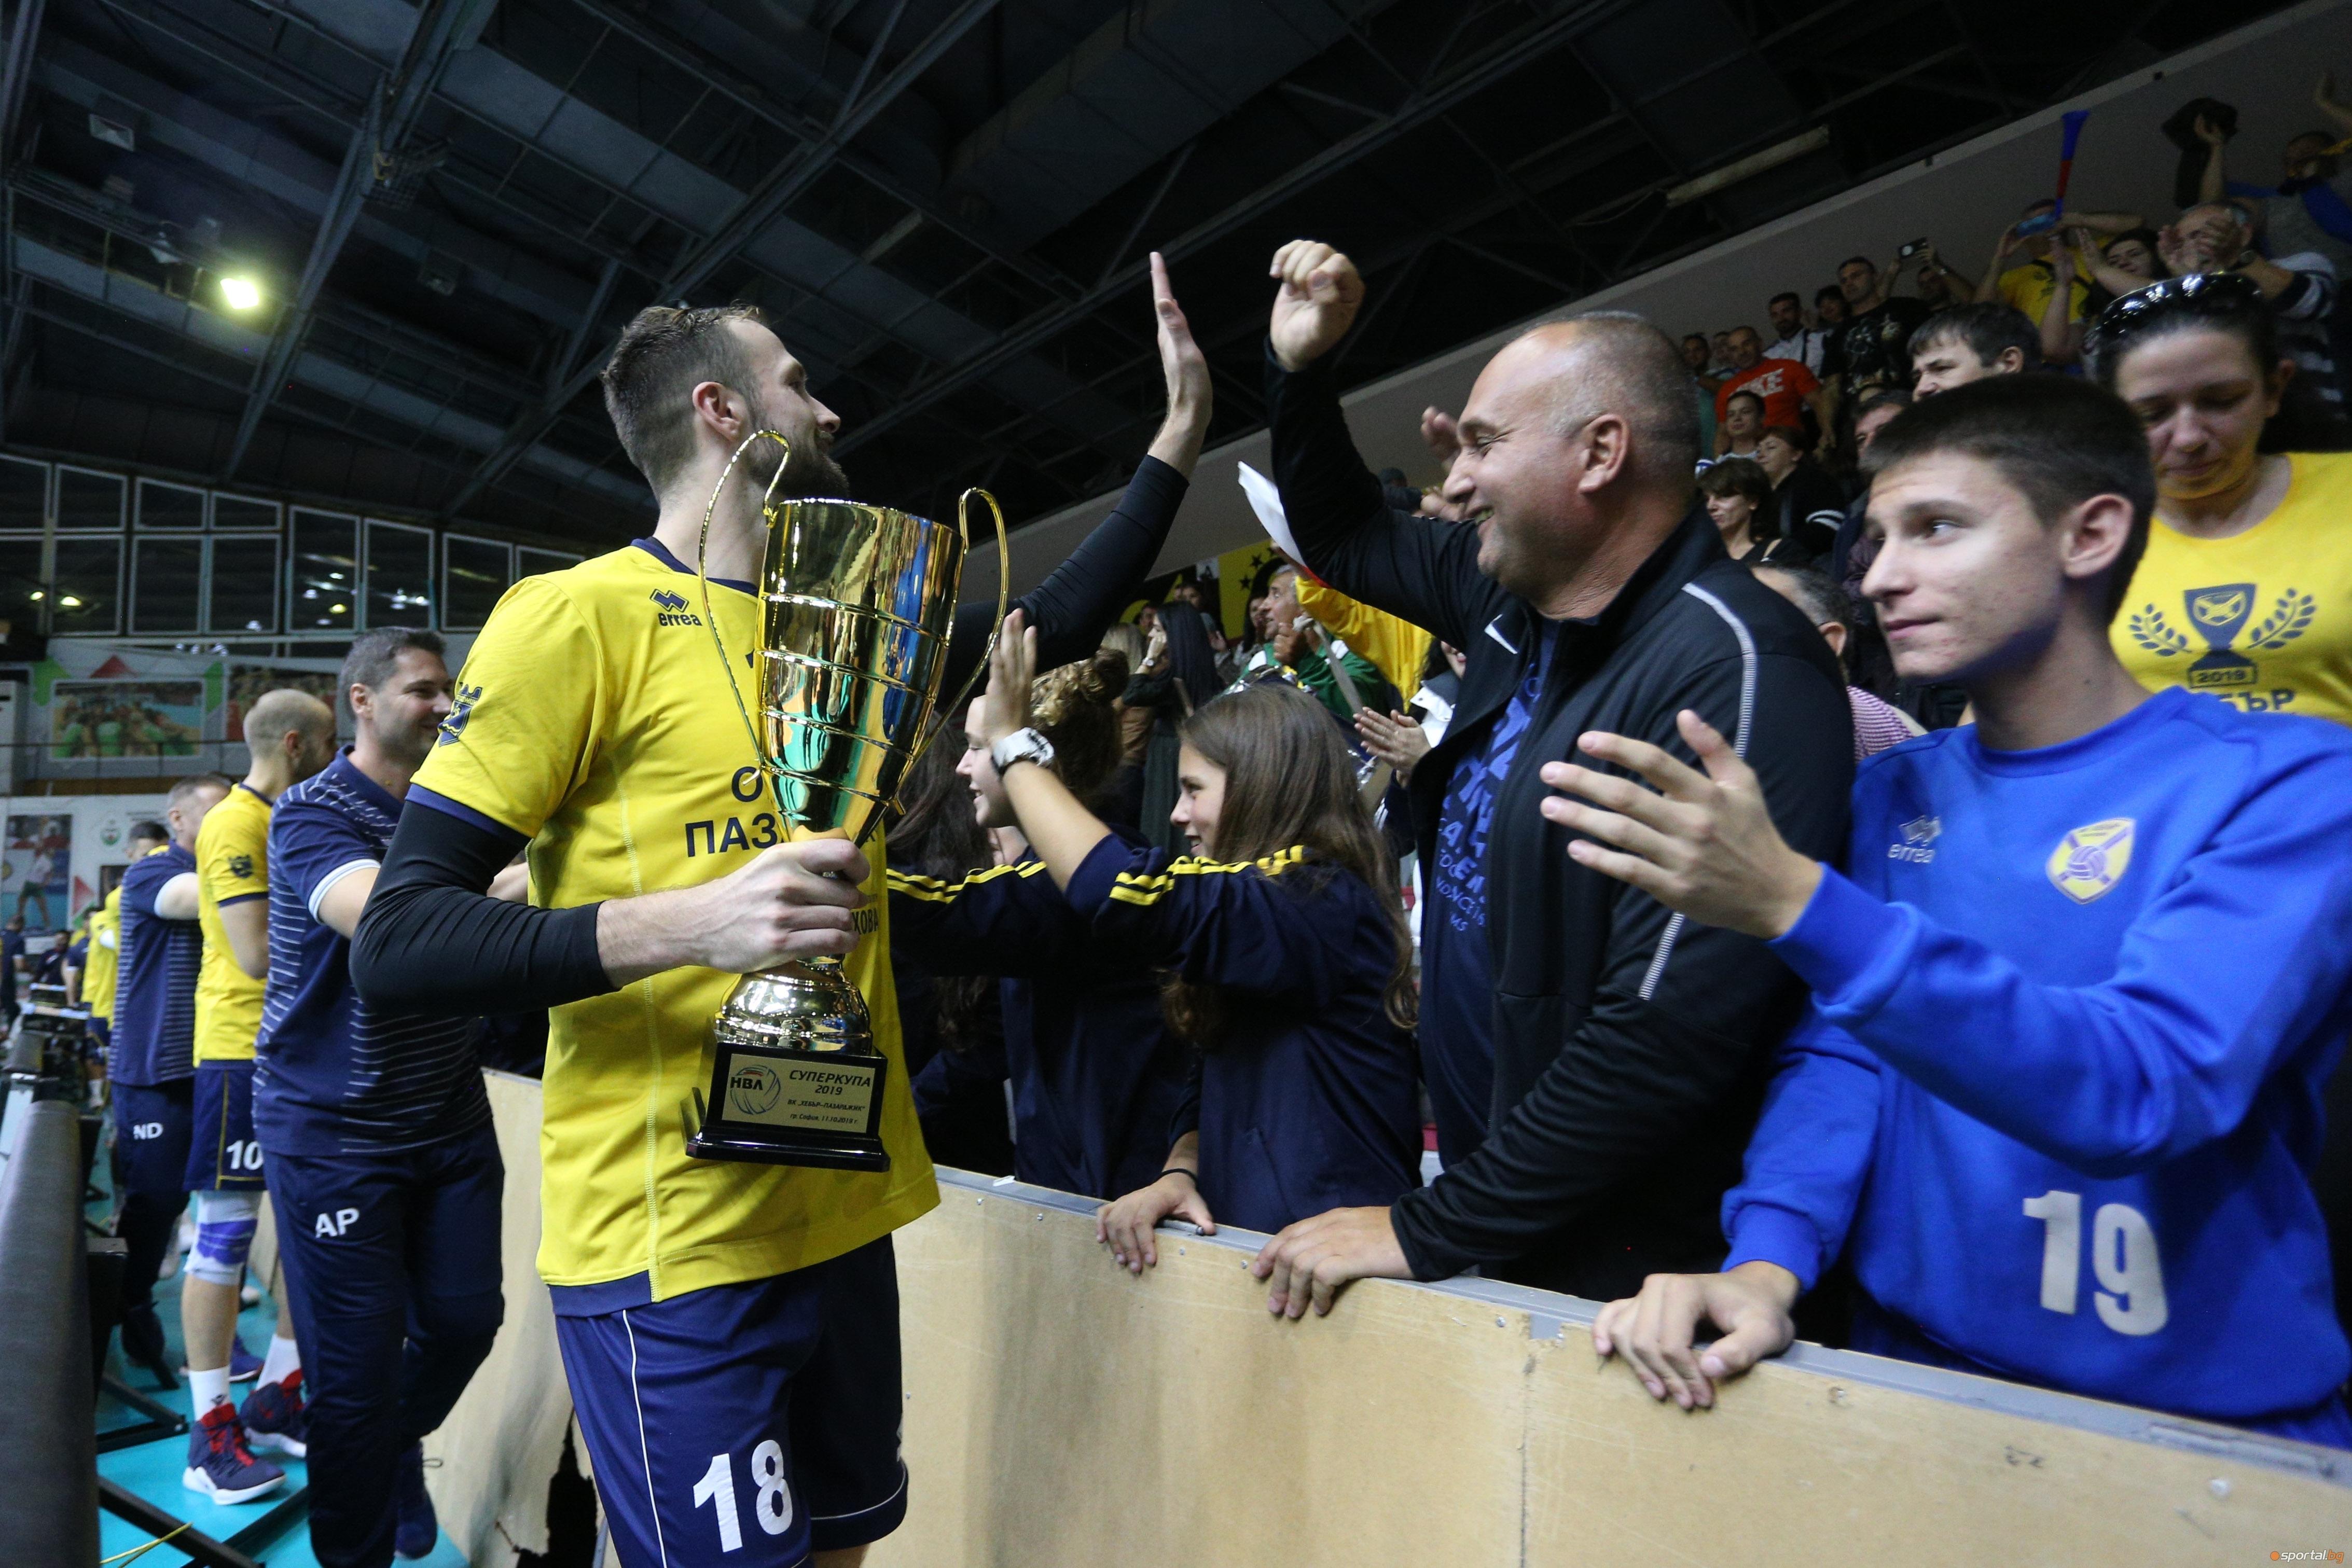 Волейболистът на Хебър (Пазарджик) Брадли Гънтър стана първият носител на